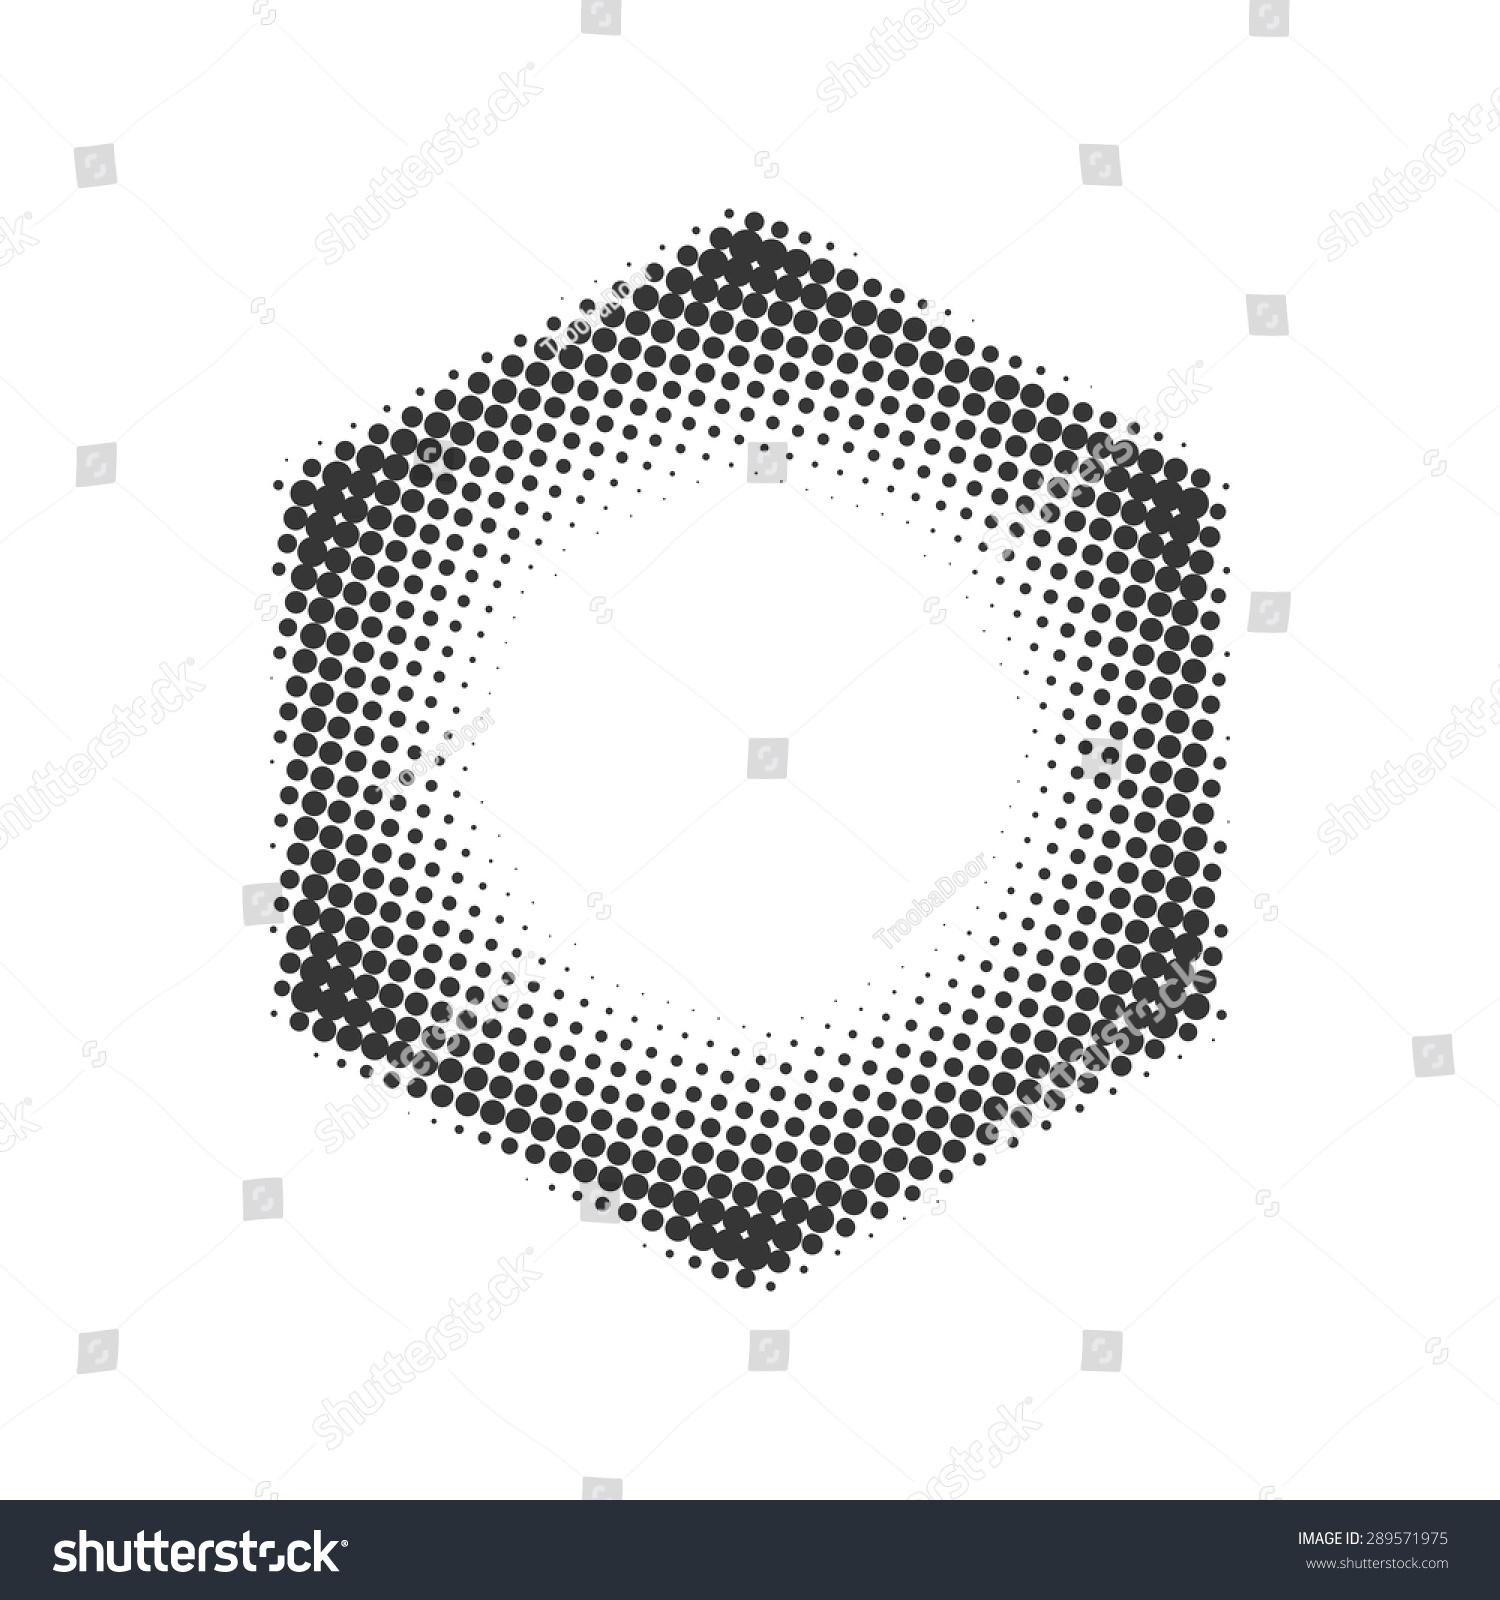 Hexagon Halftone Grey Hexagonal Frame Dots Stock Vector 289571975 ...